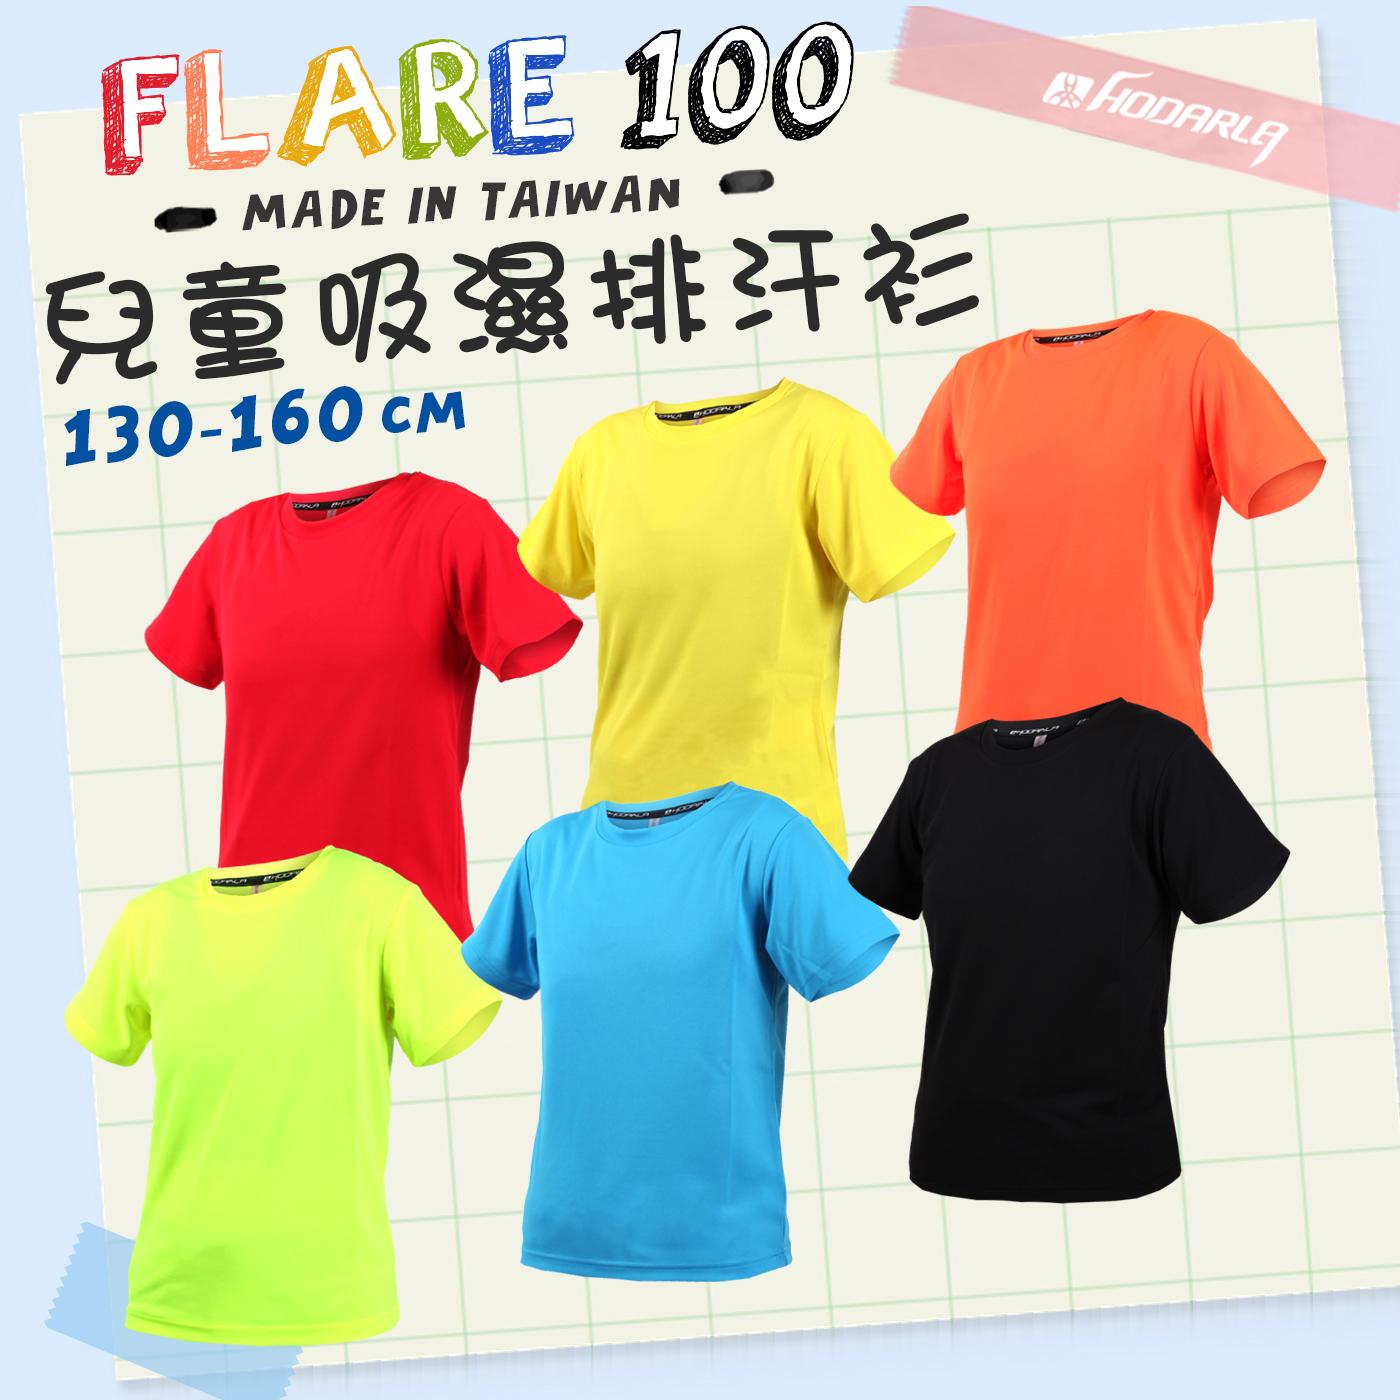 HODARLA 童裝FLARE 100 吸濕排汗衫 3135902